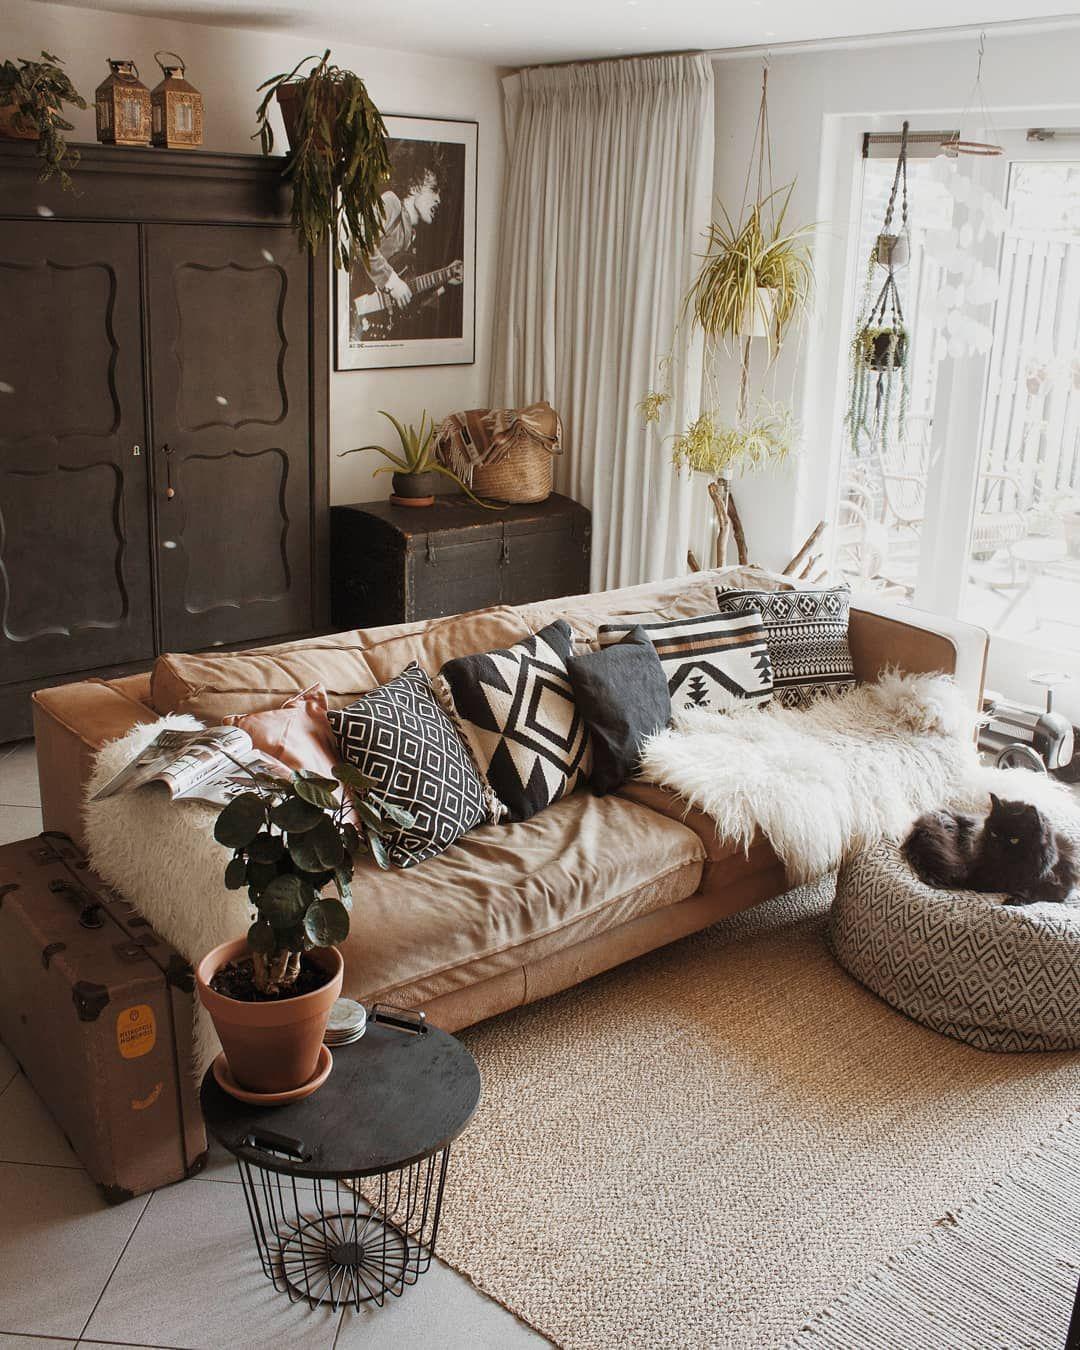 Wooohooo 50 000 Volgers Wat Een Mensen Zeg Superleuk Dat Jullie Mij Allemaal Volgen Dat Ik Een Aantal Van Jullie Mag In Living Room Designs Home Decor Home